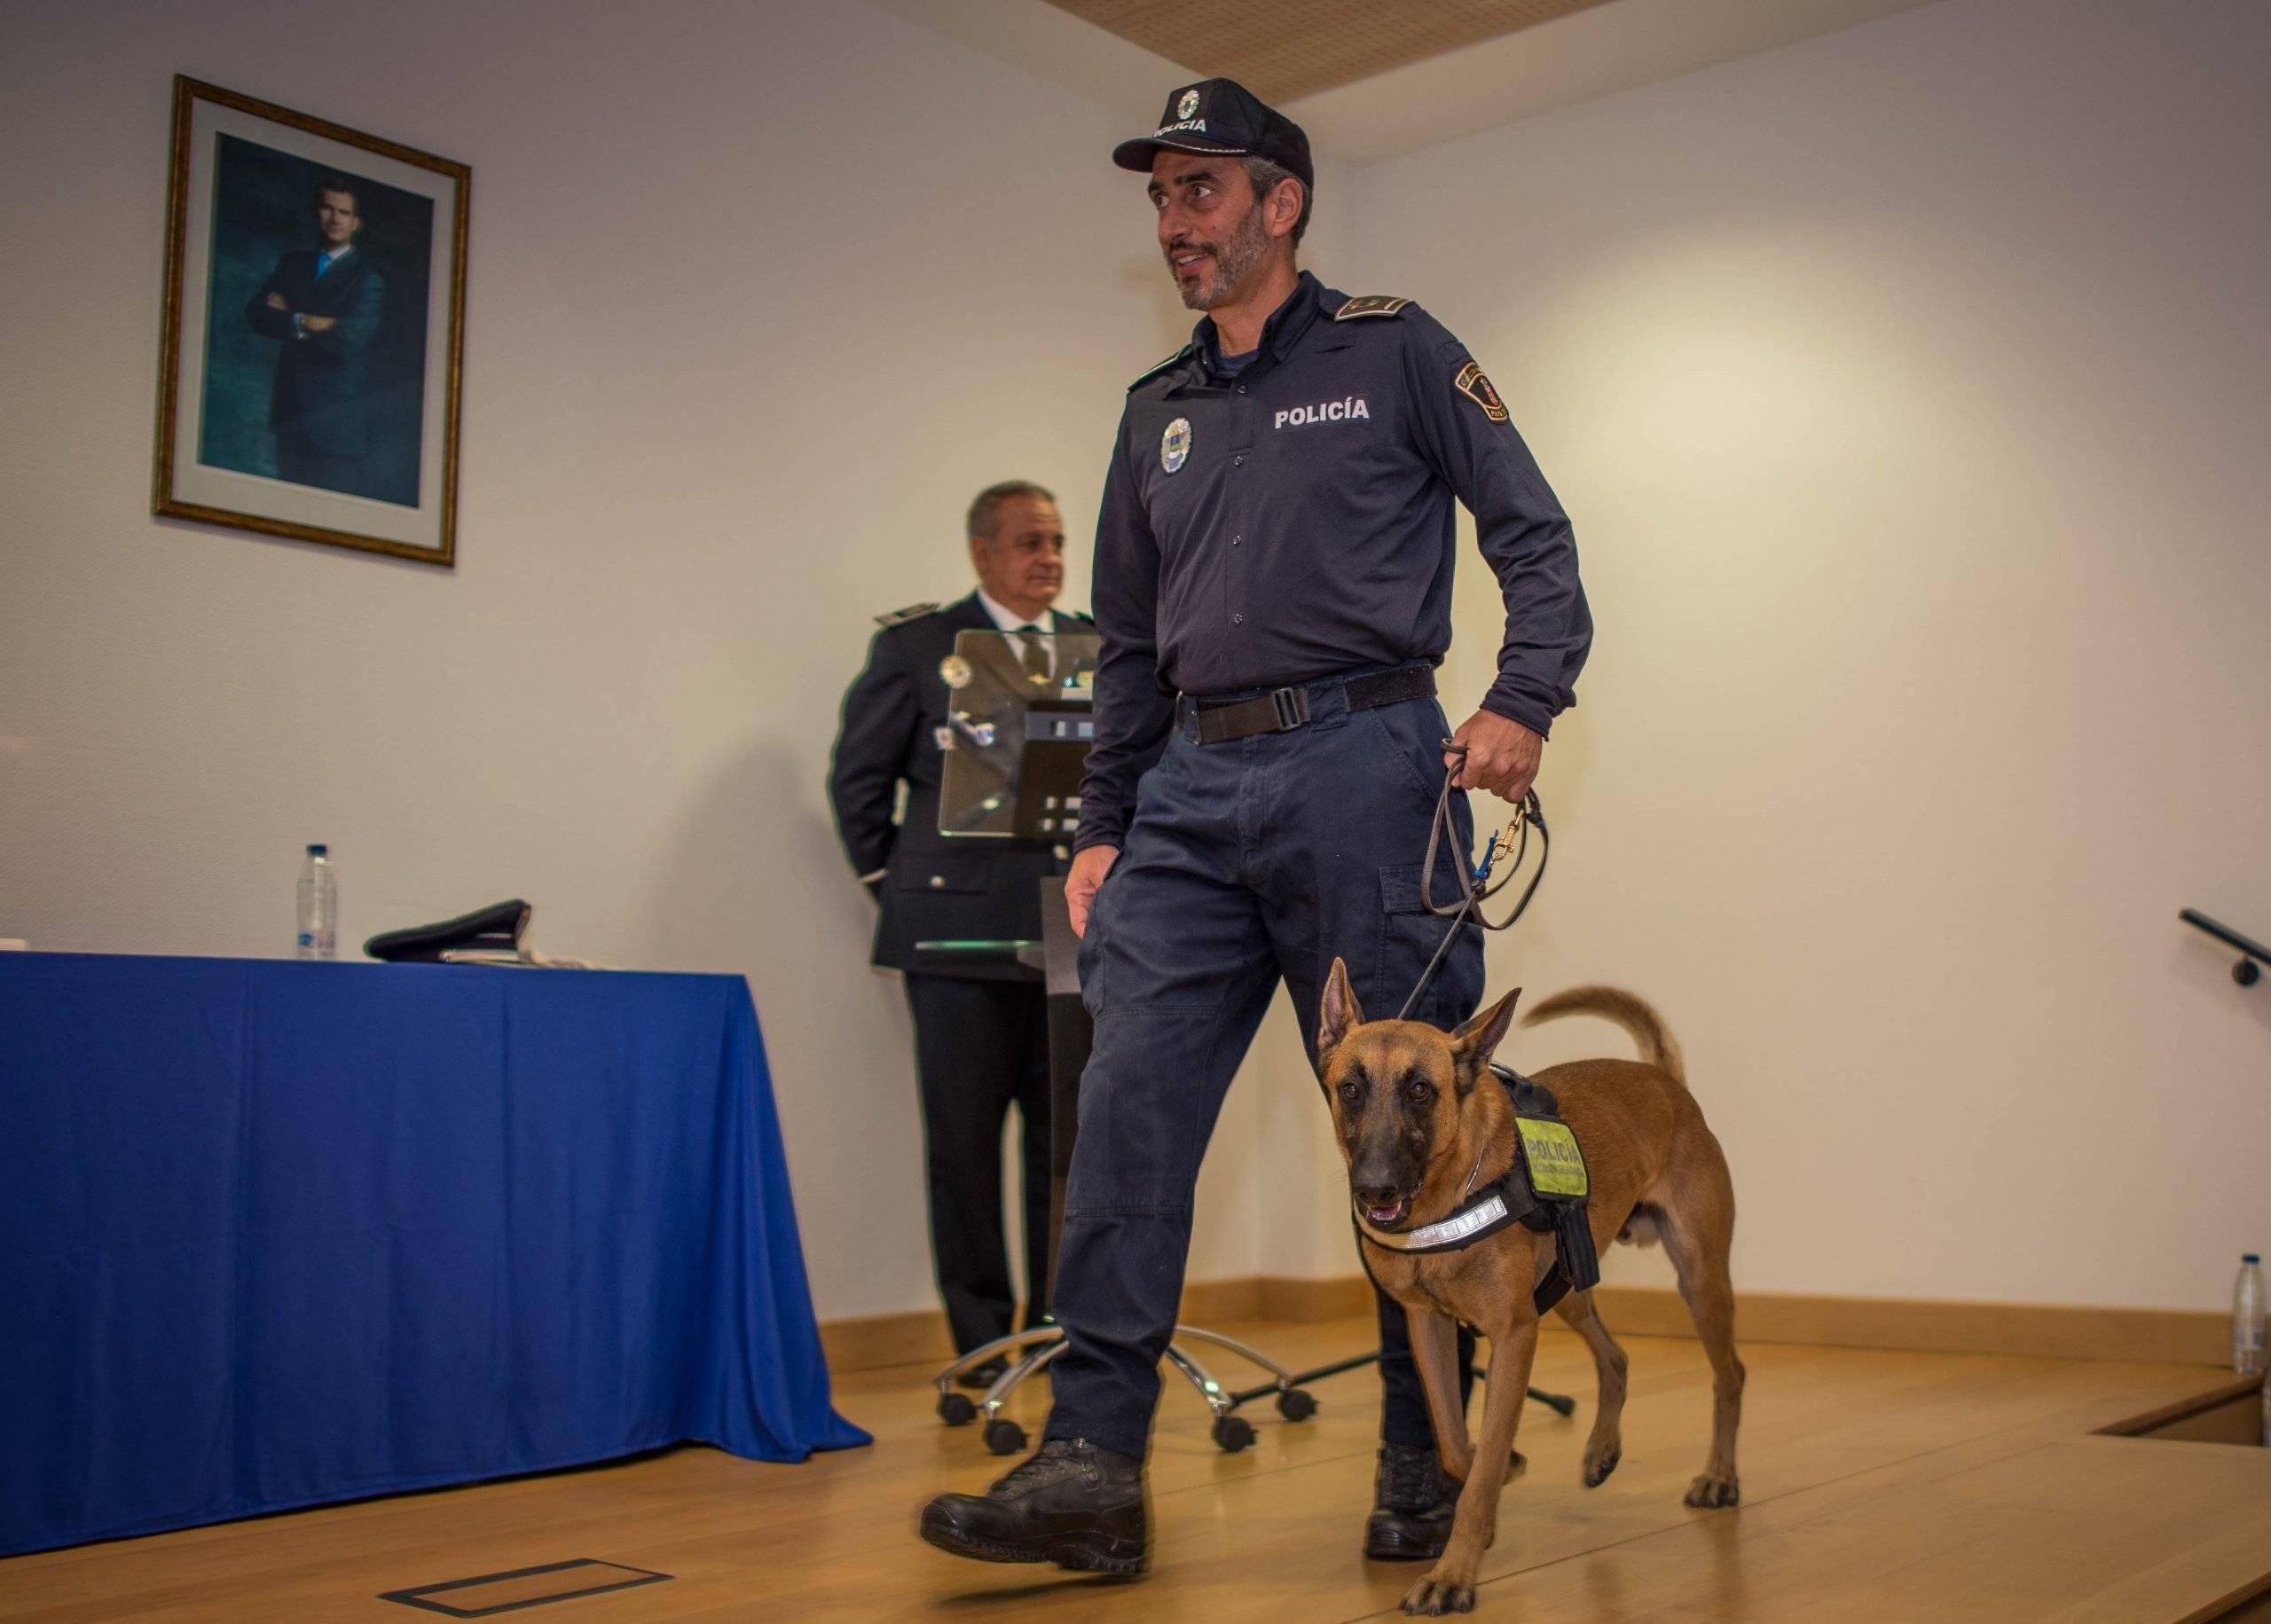 El cabo Pascual Zaballos y Drago, de la Unidad Canina villanovense, subiendo al escenario.